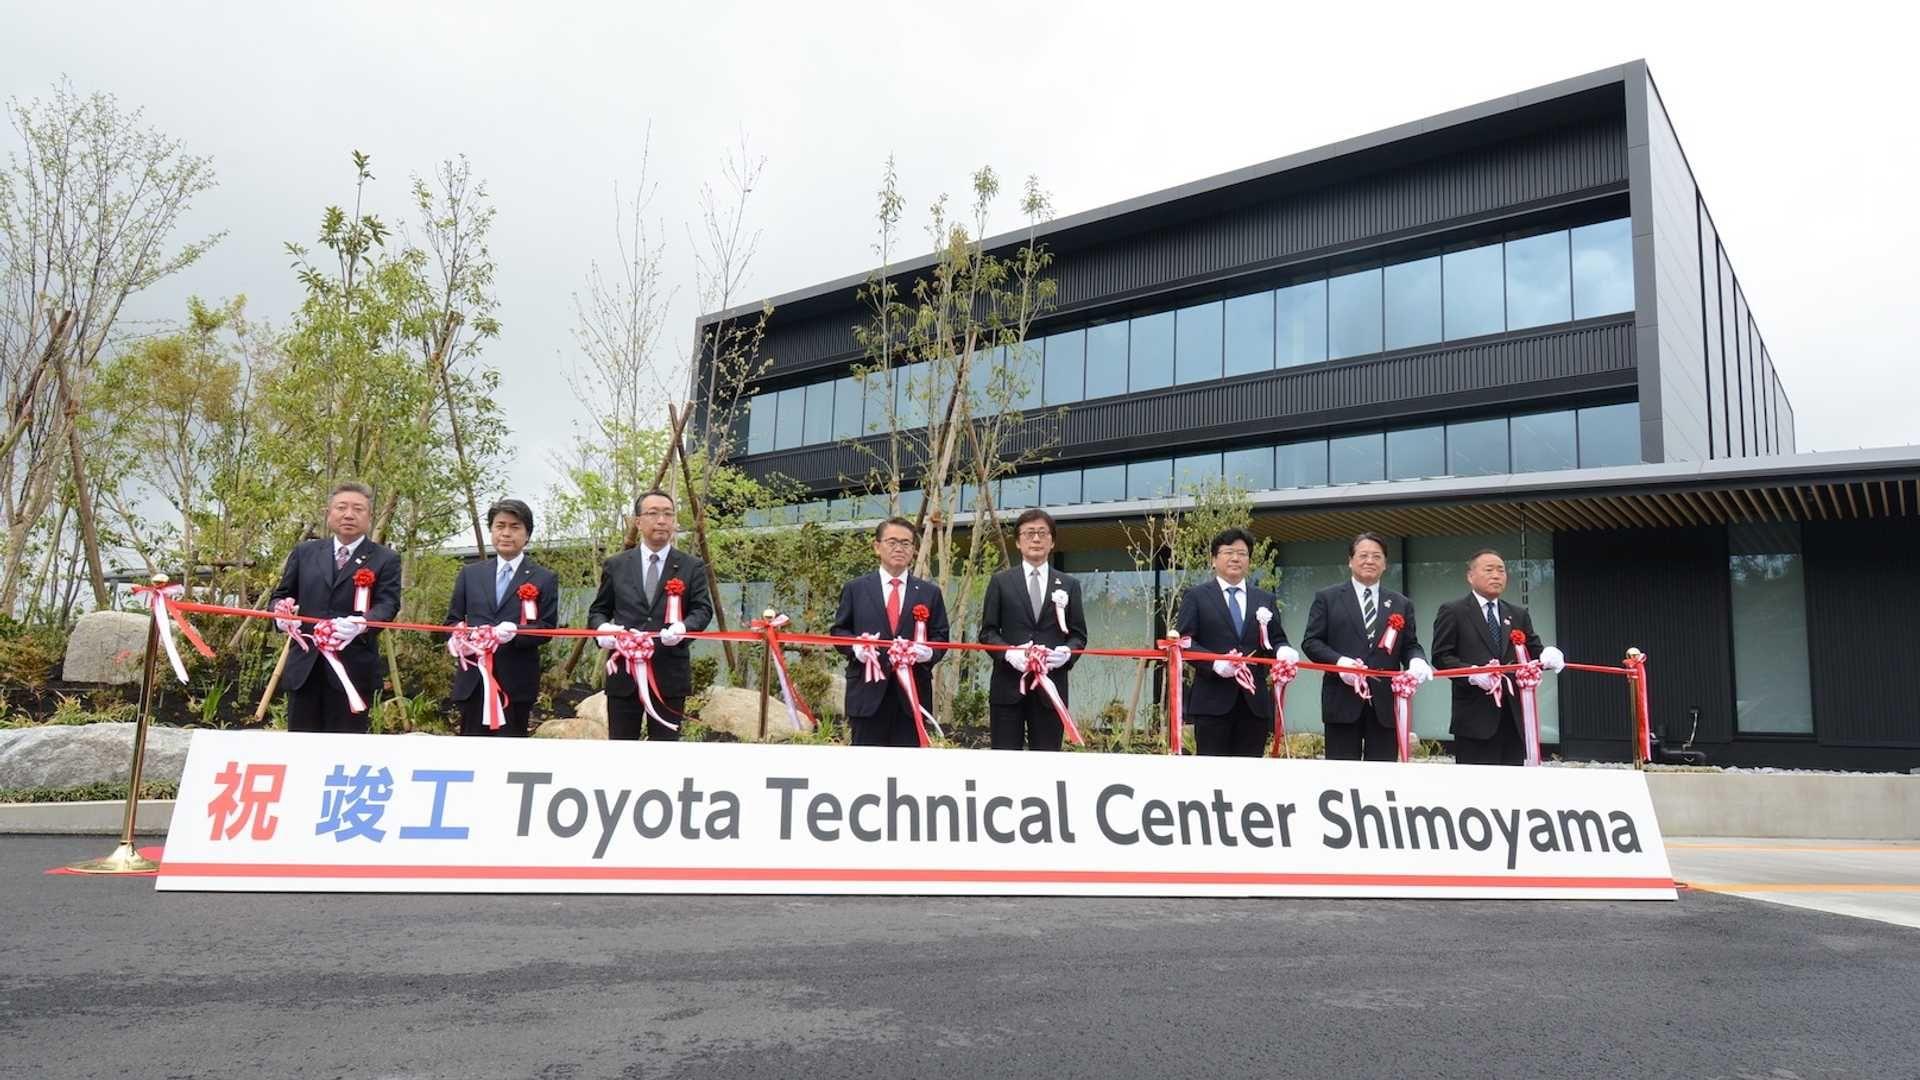 Toyota збудувала собі власний Нюрбургрінг